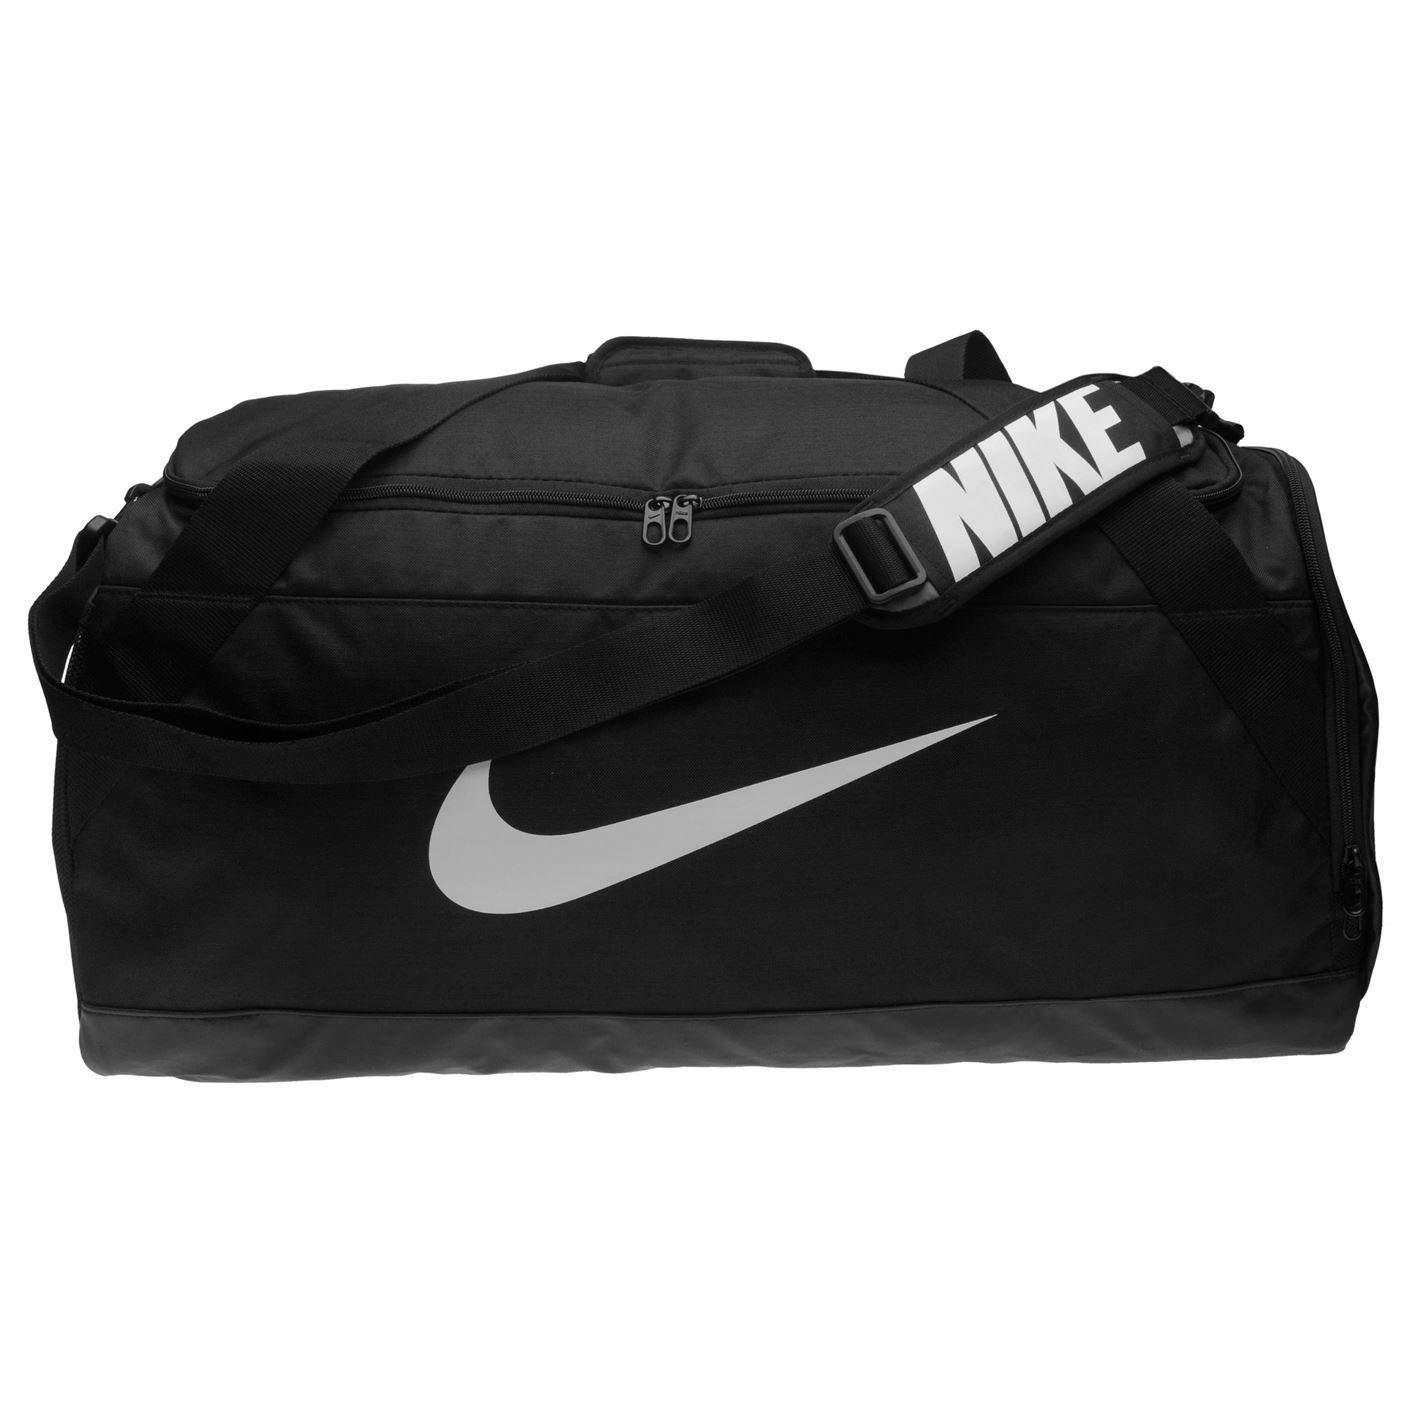 ba18057c38 Nike Brasilia Bags Holdalls Shoebag Backpack Sports Bag Kitbag Gymbag H:27  x W:73 x D:35 (cm) Large - Black: Amazon.co.uk: Luggage